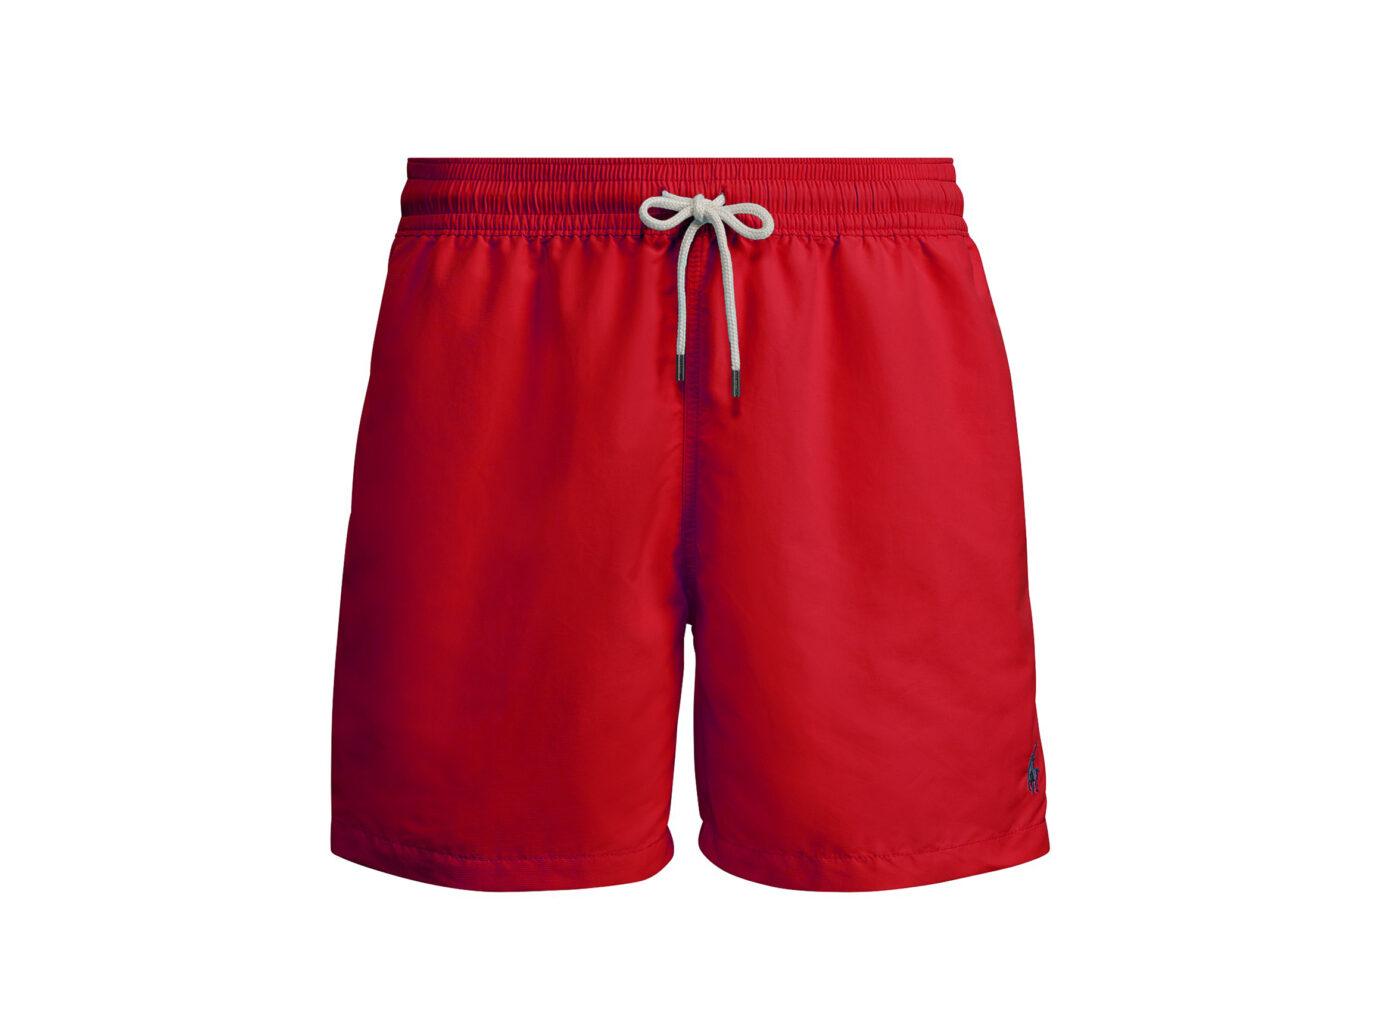 Polo Ralph Lauren Traveler Swim Trunks in Red